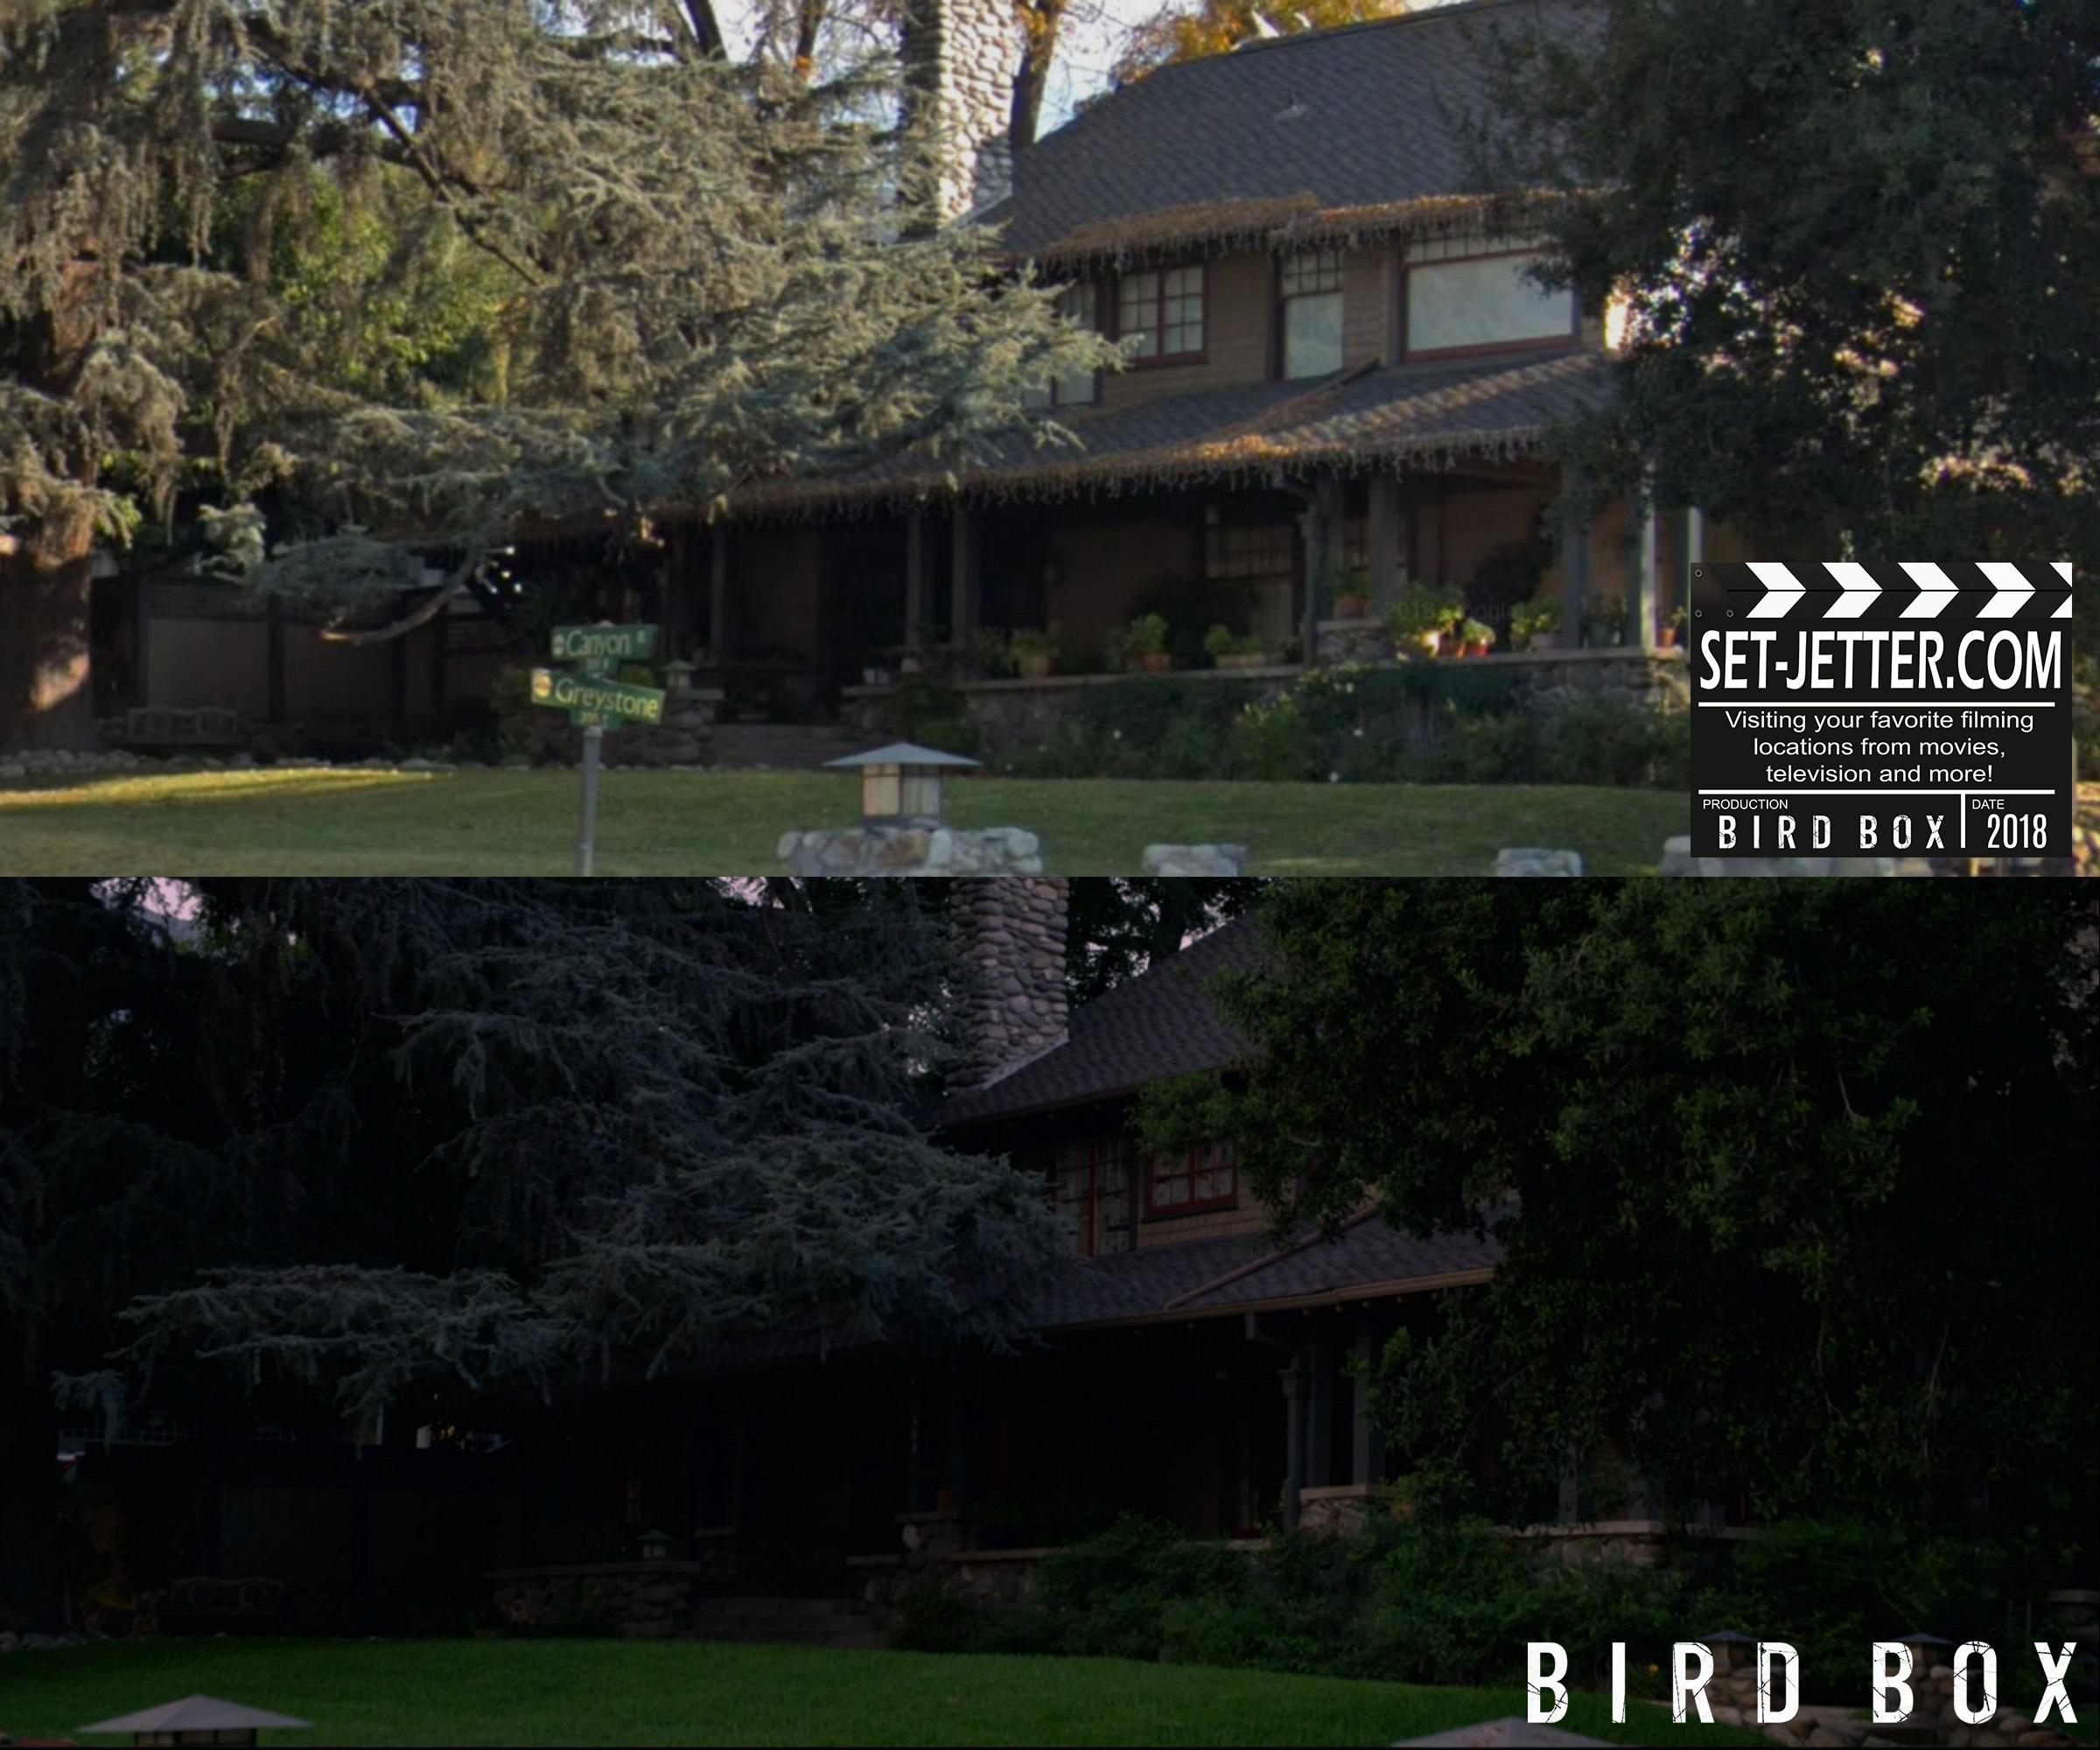 Bird Box Monrovia 22.jpg